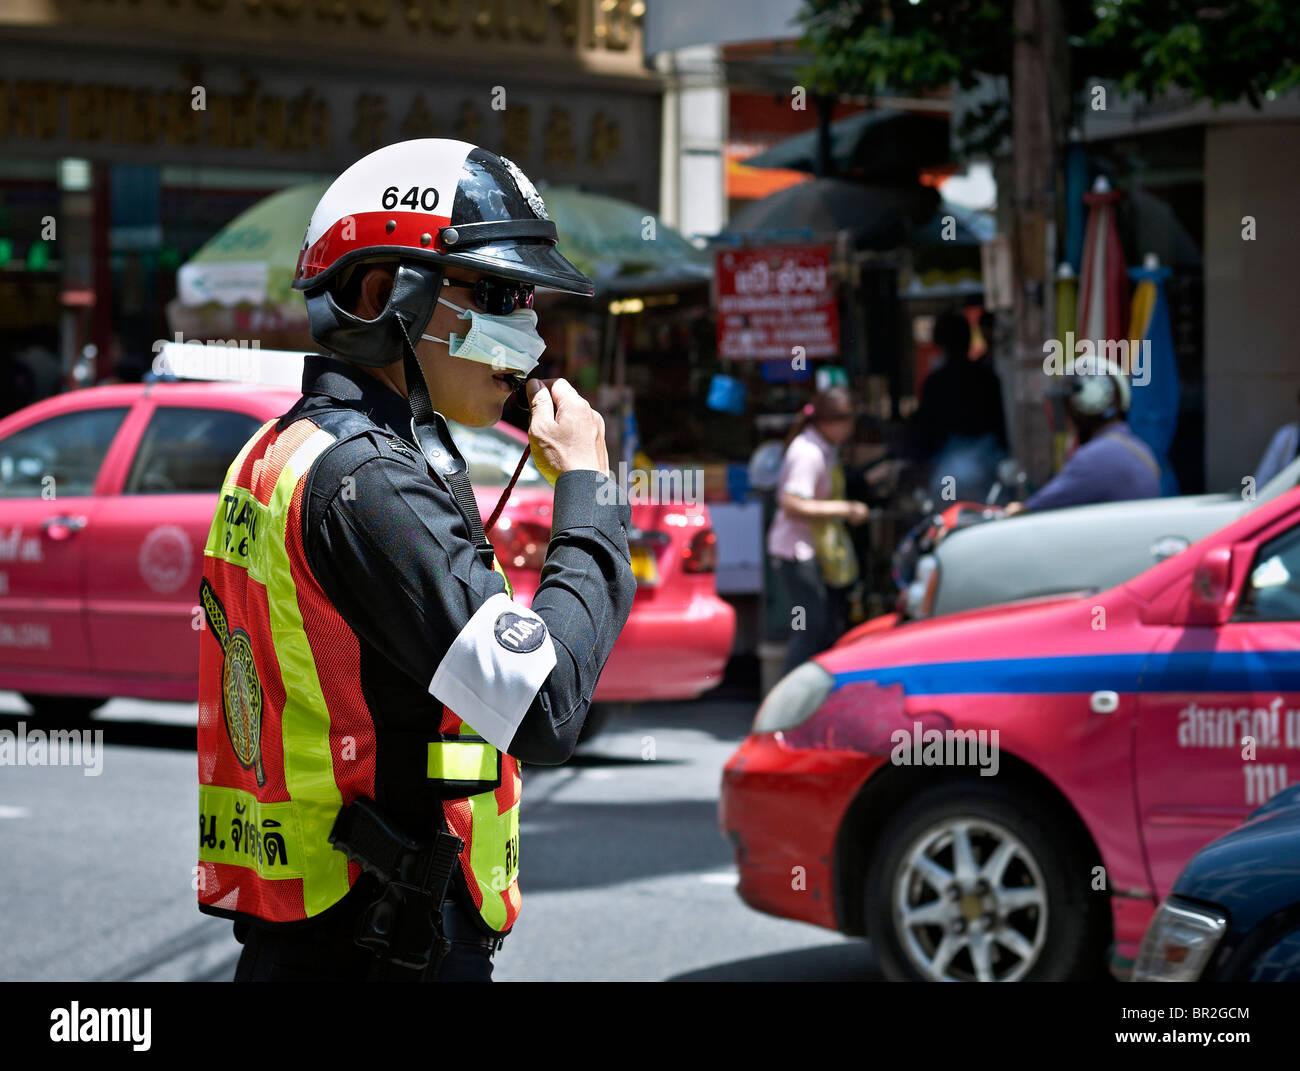 Polizia tailandese officer indossando un anti inquinamento maschera in Bangkok inquinamento elevato flusso di traffico. Immagini Stock